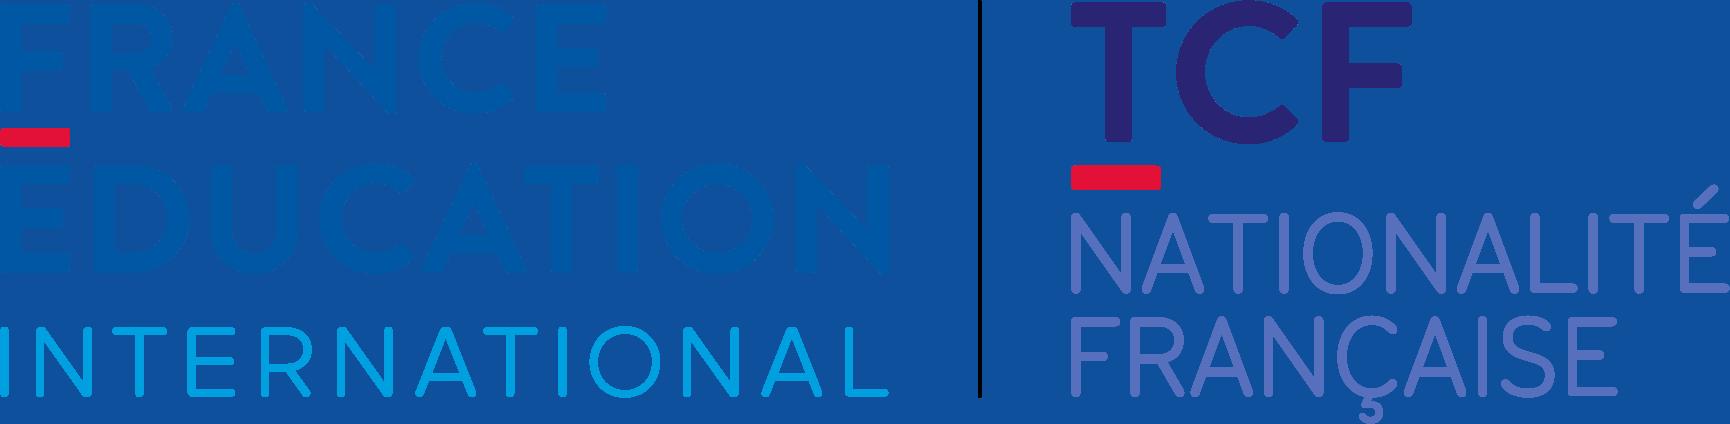 TCF accès à la nationalité ANF à Bordeaux en France